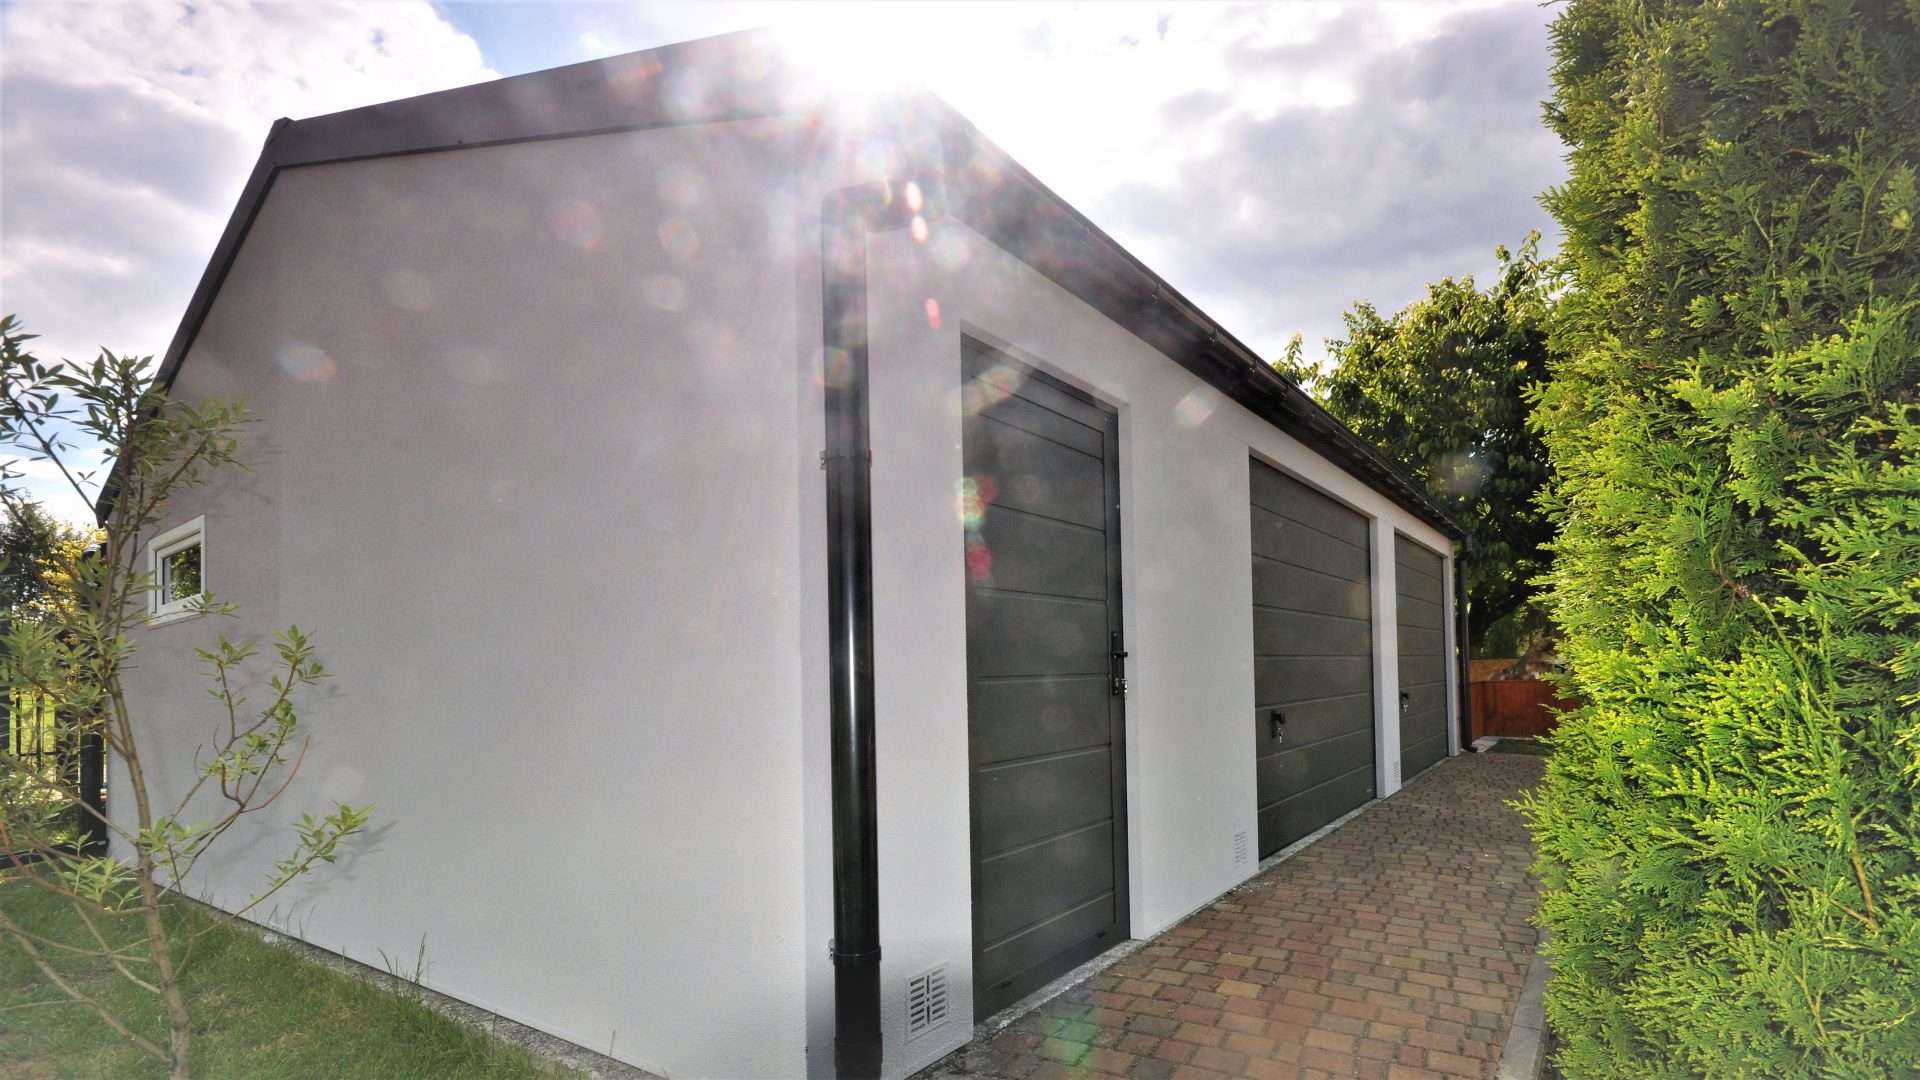 Garaż ocieplany Duo-Classic - 2 samochody, 9,0 x 5,7 m